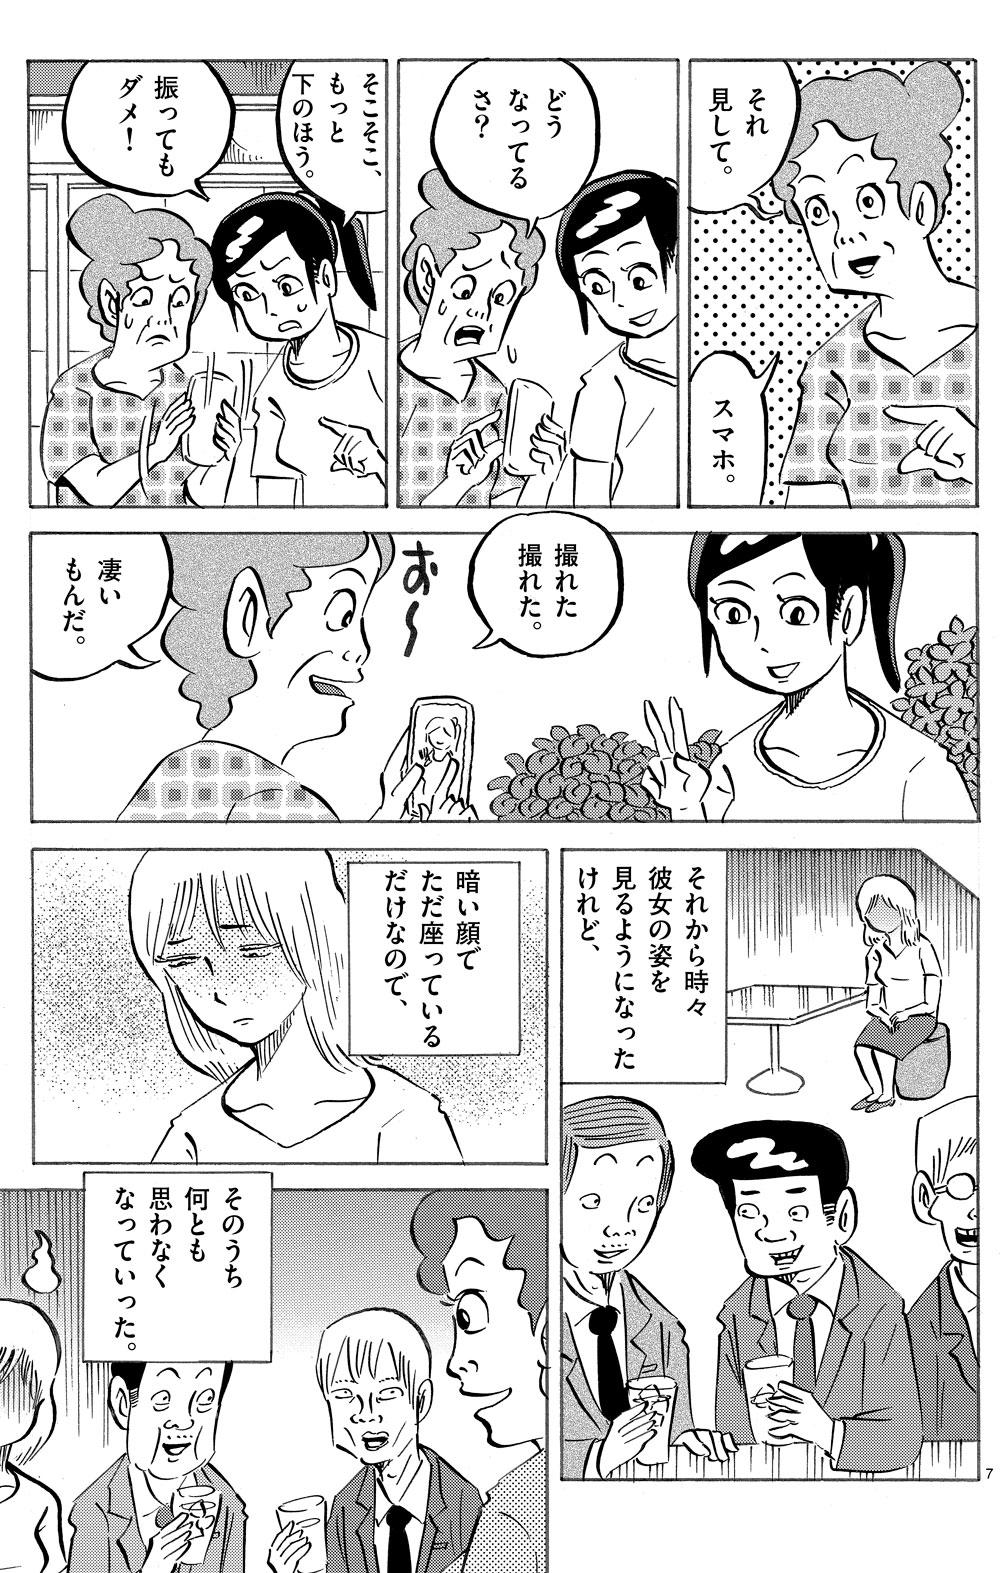 琉球怪談 【第4話】WEB掲載7ページ目画像